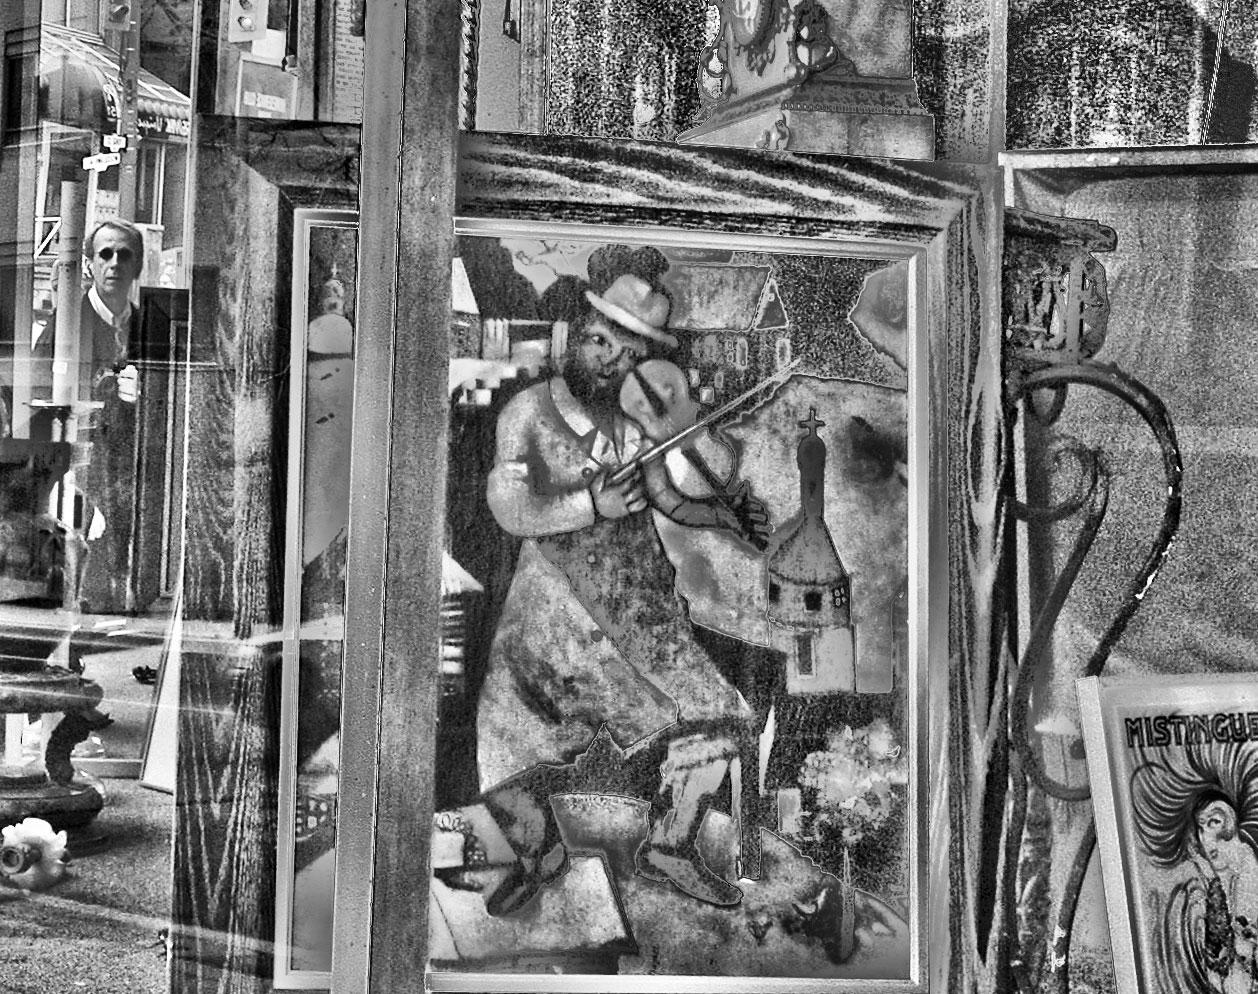 DSCN1054-window reflection.jpg